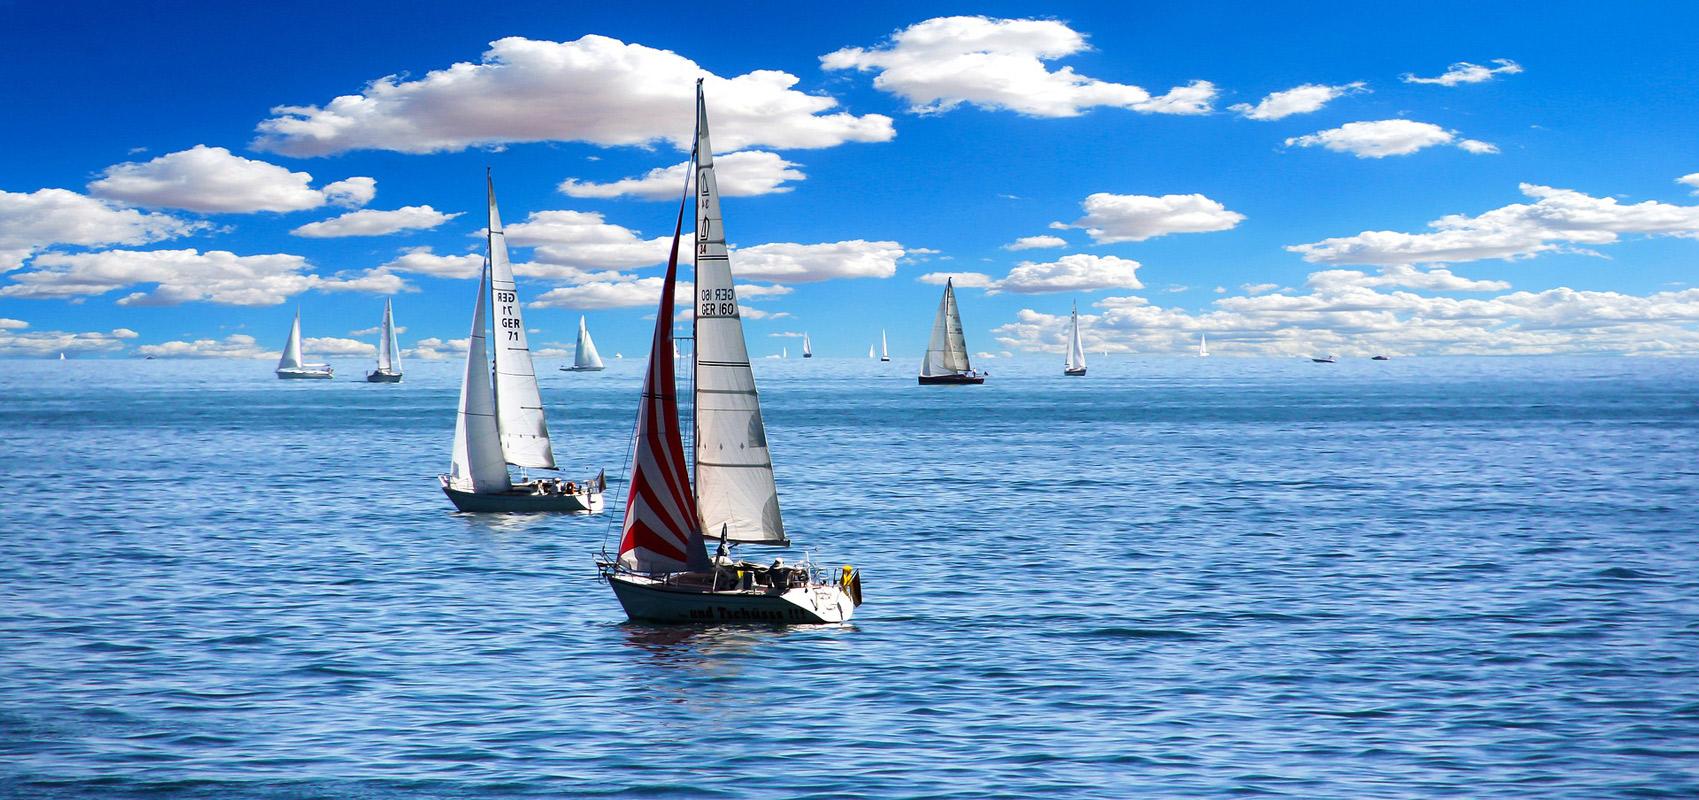 L'importanza dell'idratazione in regata: mantenere i fluidi in equilibrio